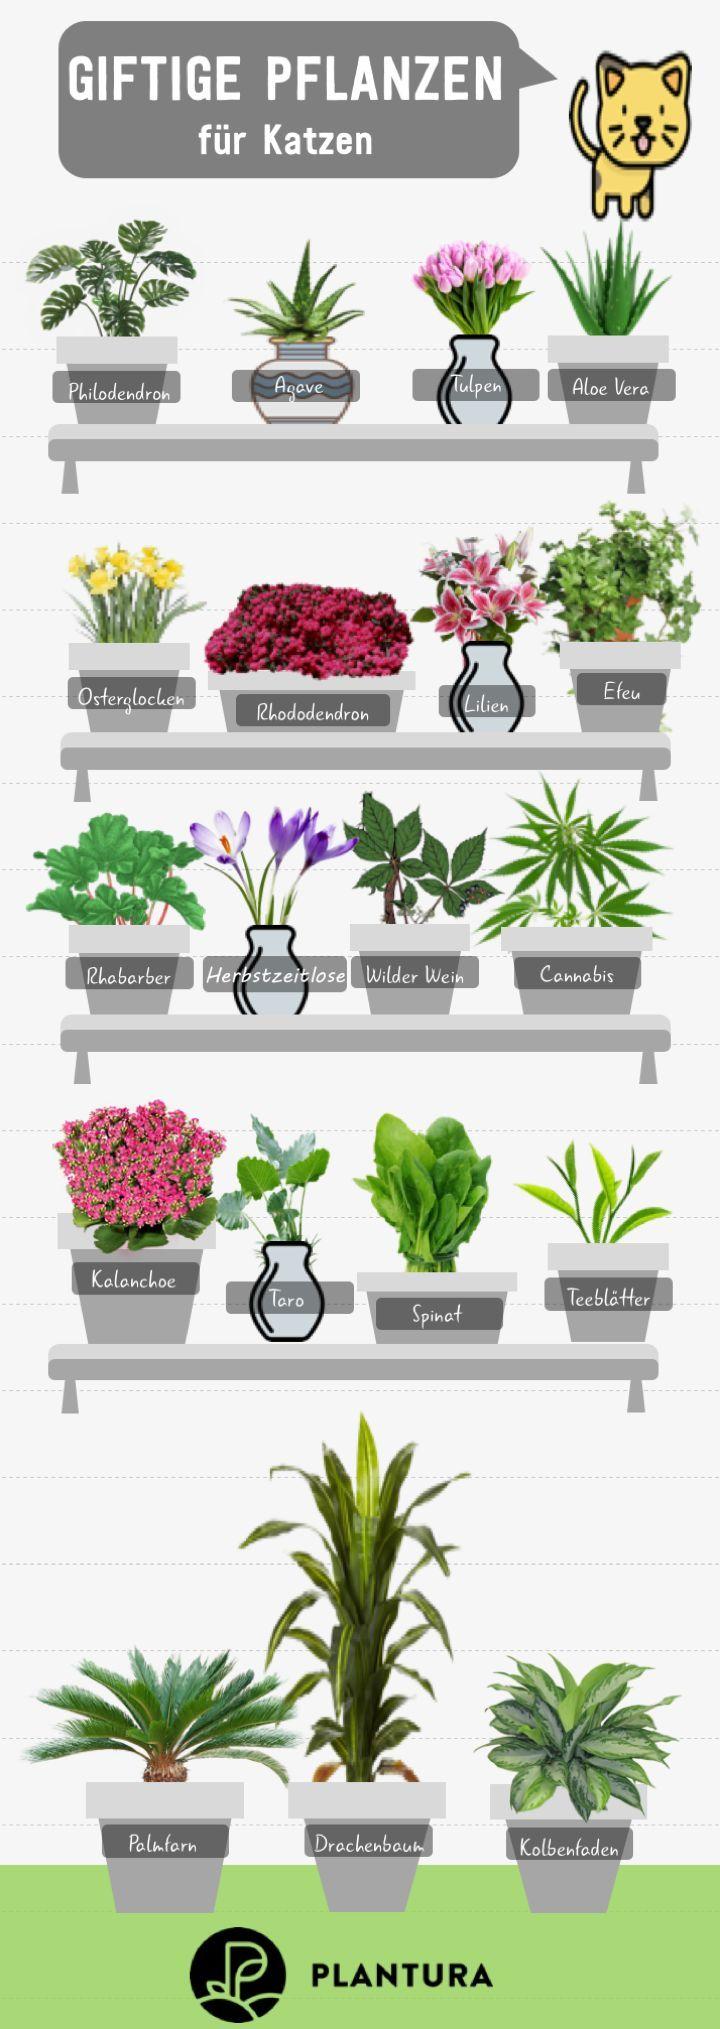 10 Giftige Zimmerpflanzen Fur Haustiere Plantura Garten Ideen Tipps Gemuse Obst Krauter Giftige Pflanzen Zimmerpflanzen Giftpflanzen